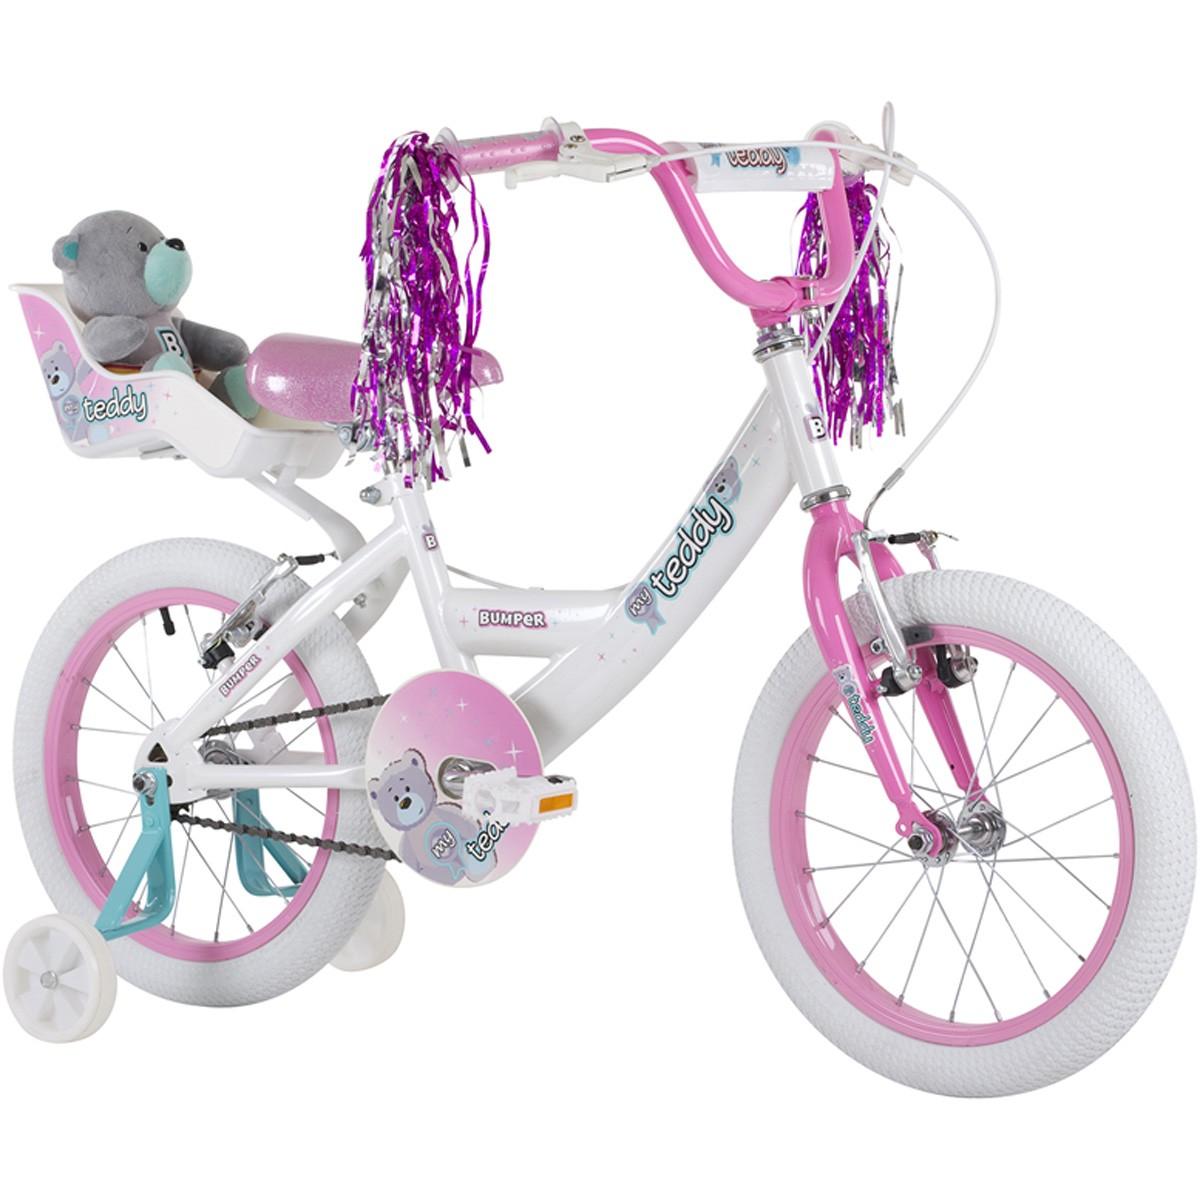 My Teddy 18 Inch Girls Bike 2014